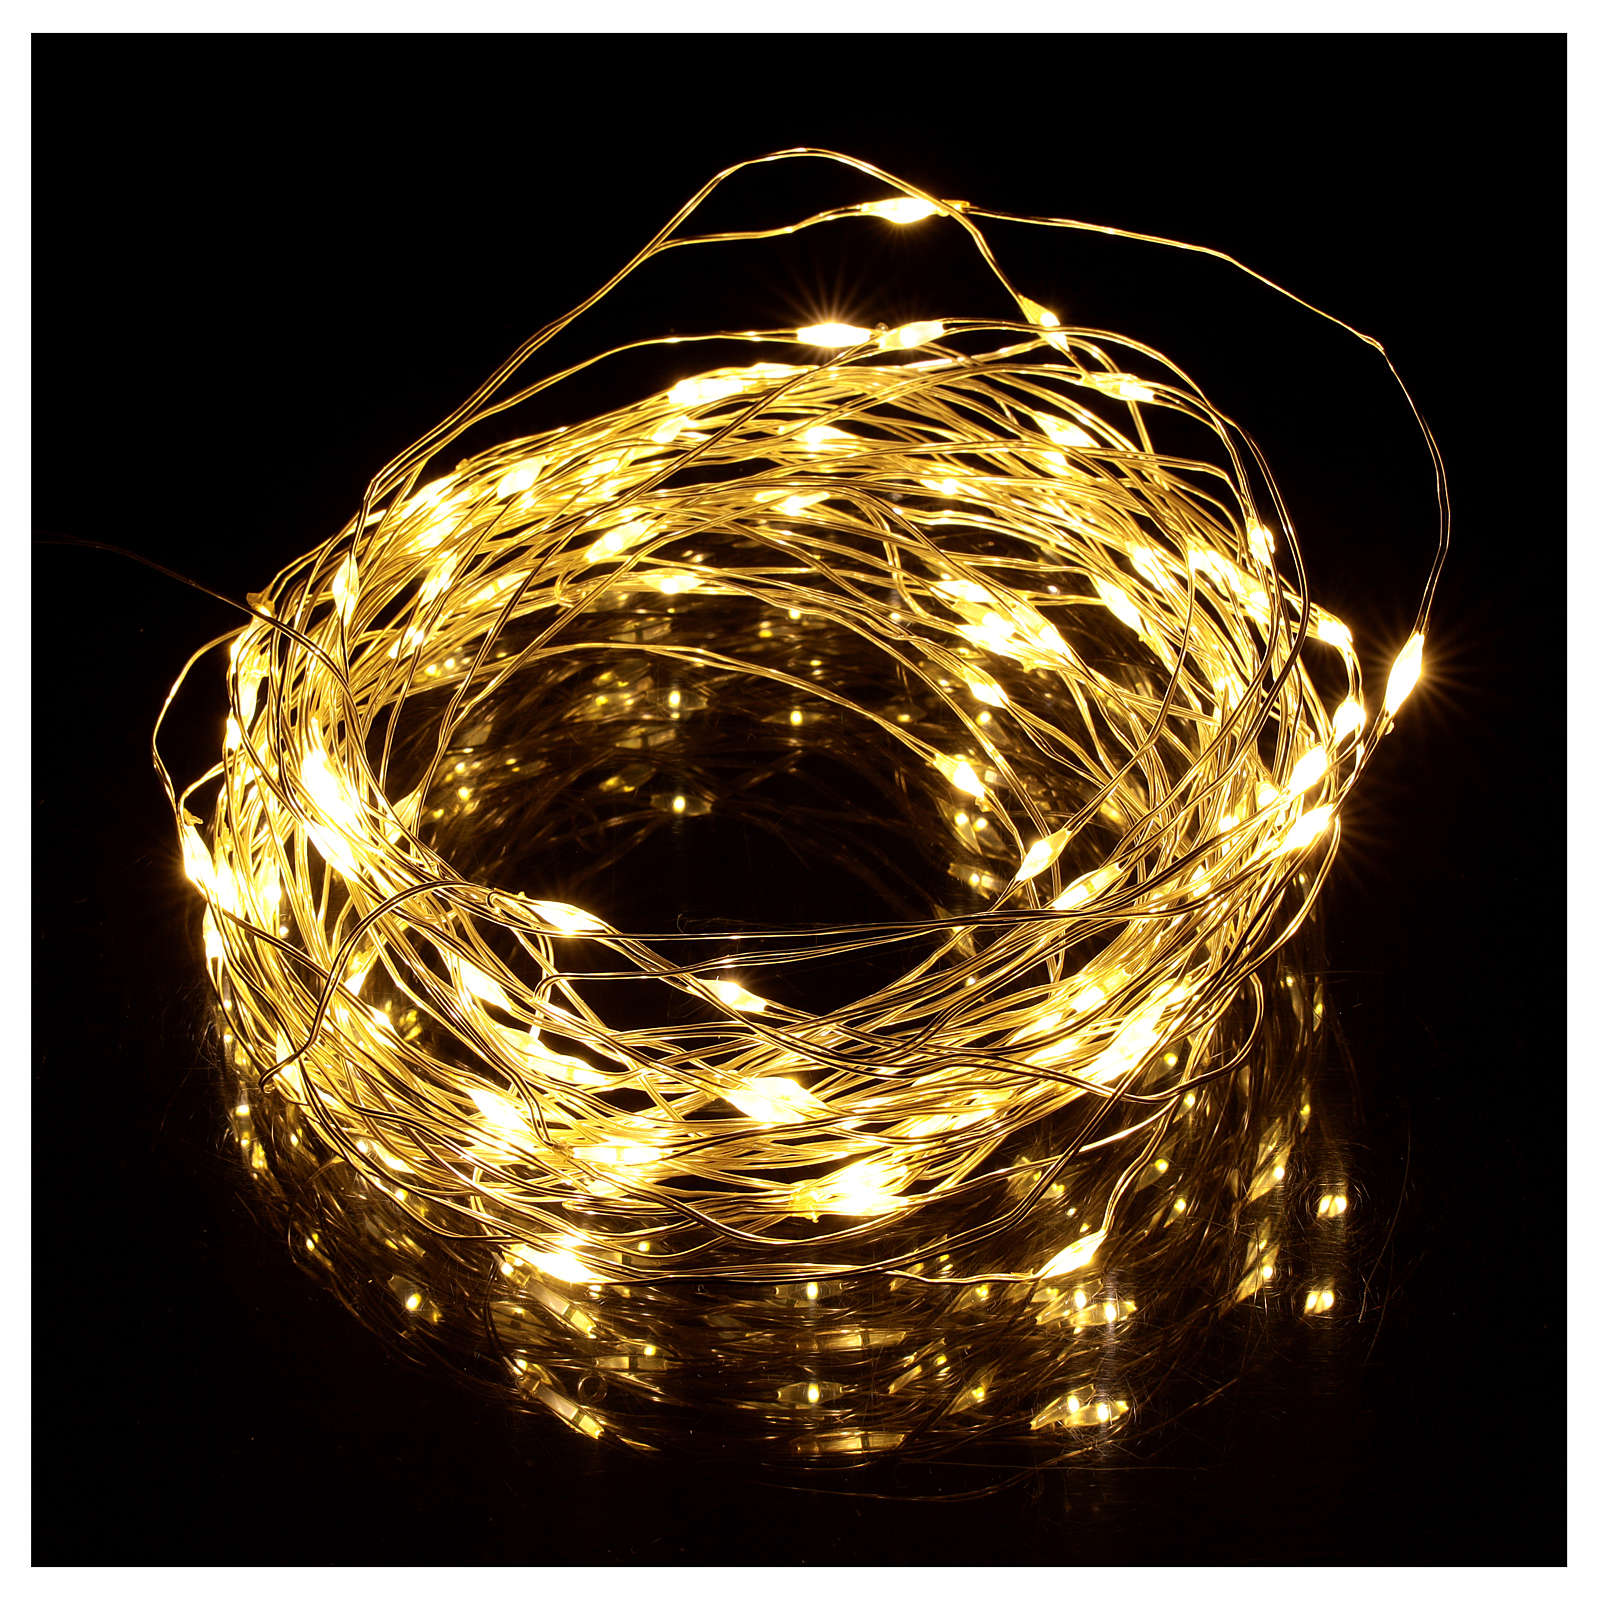 Cadena luminosa Navideña con batería 10 m 100 gotas led blanco cálido 3